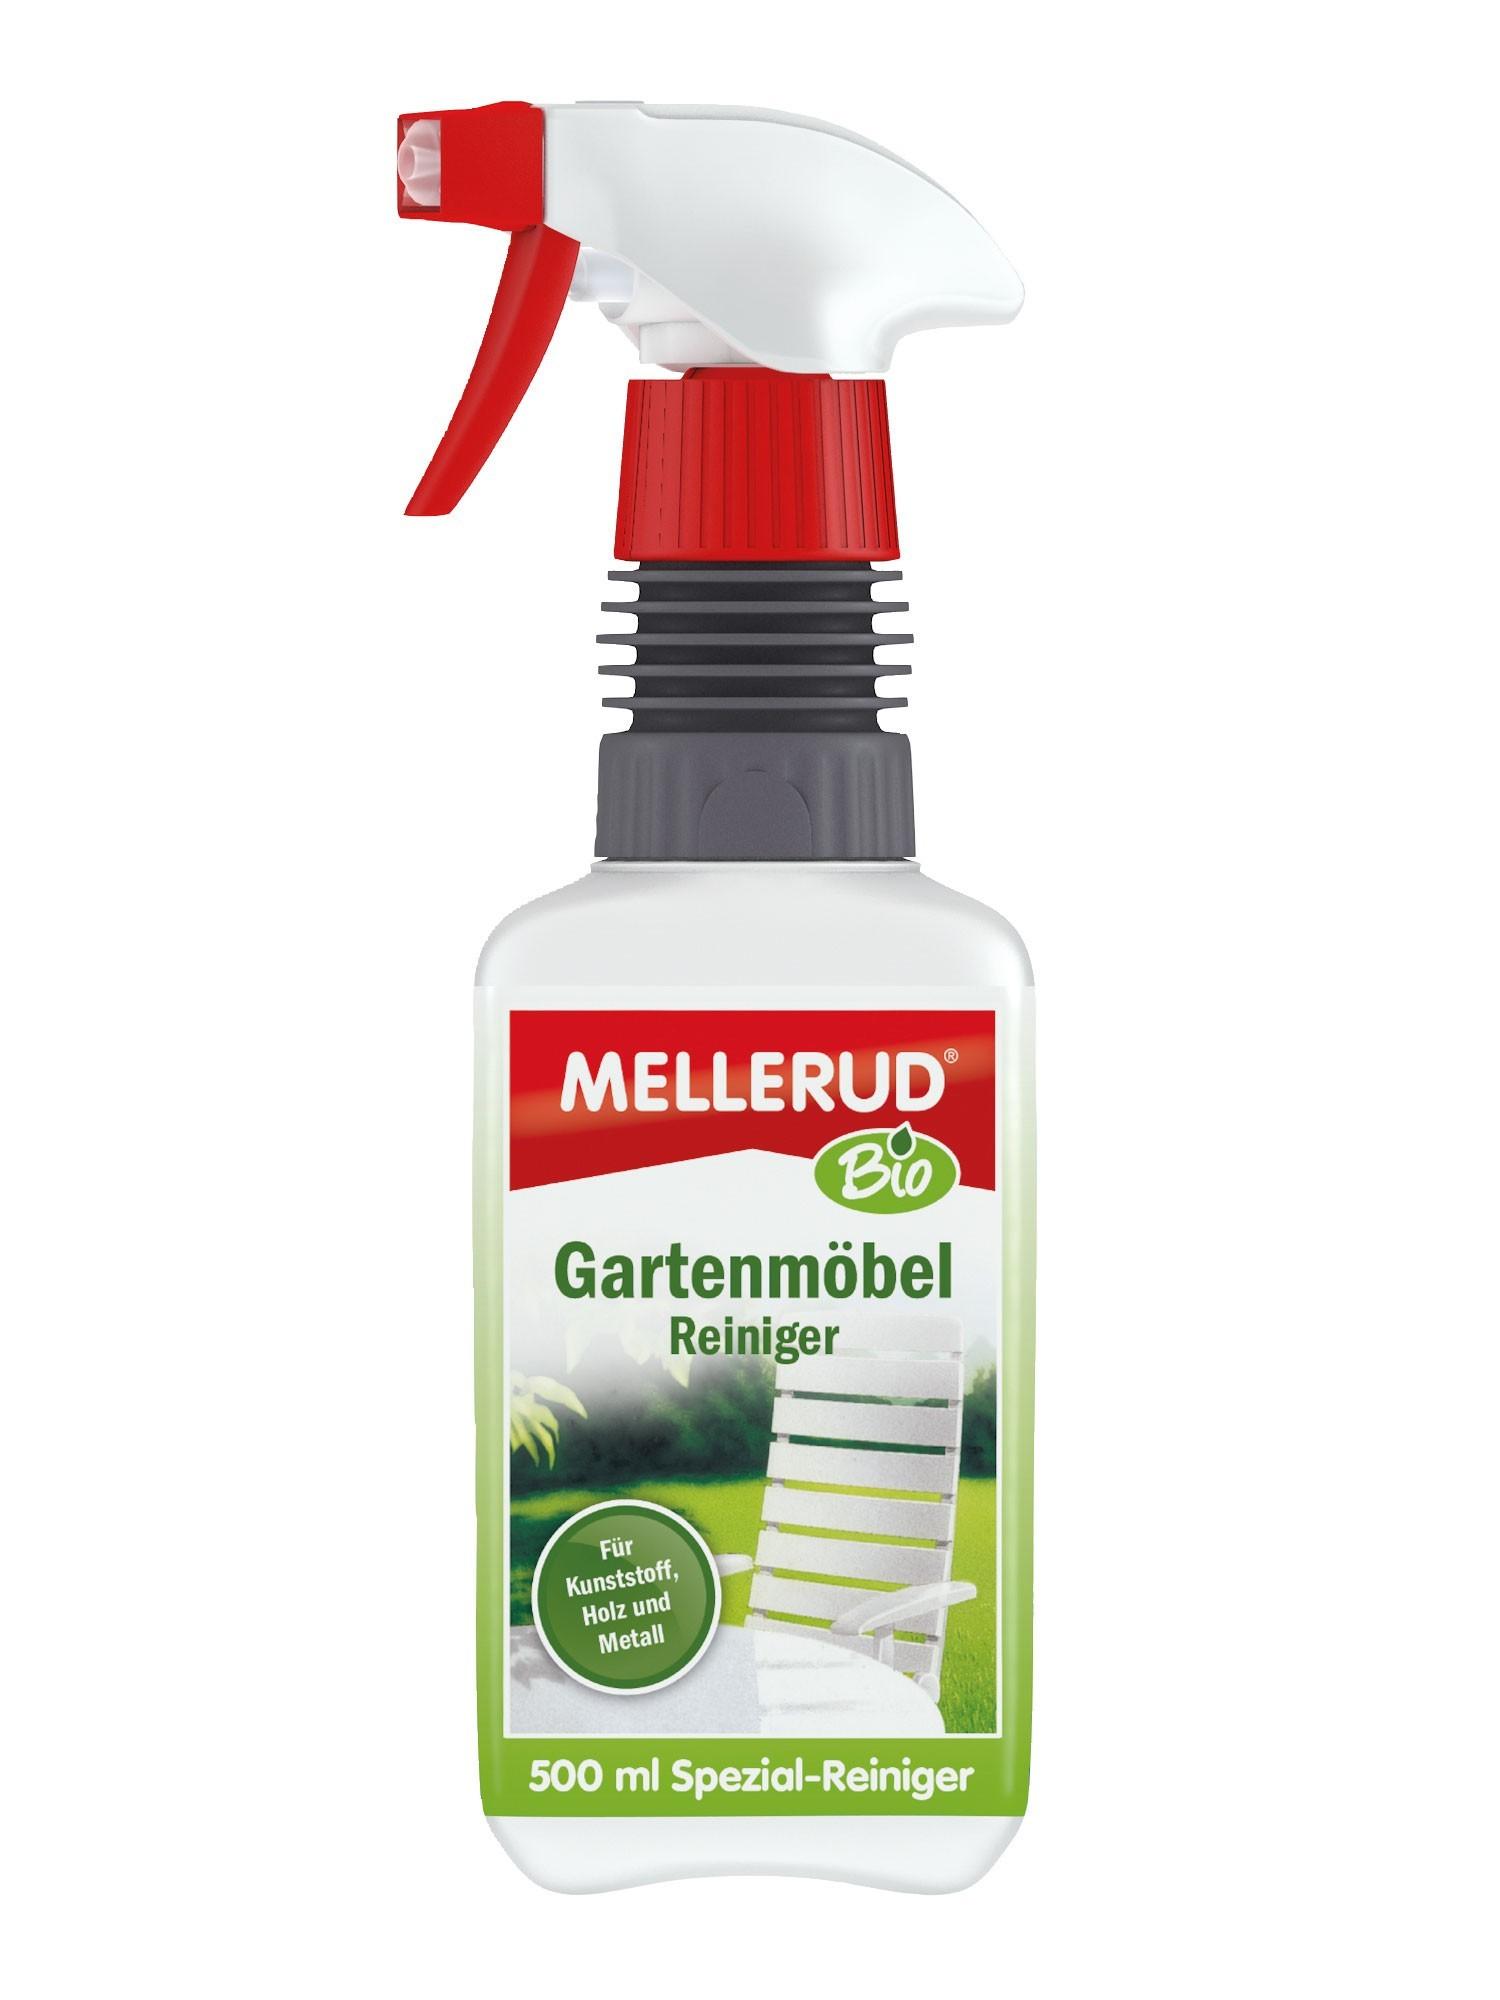 MELLERUD BIO Gartenmöbel Reiniger 0,5 Liter Bild 1